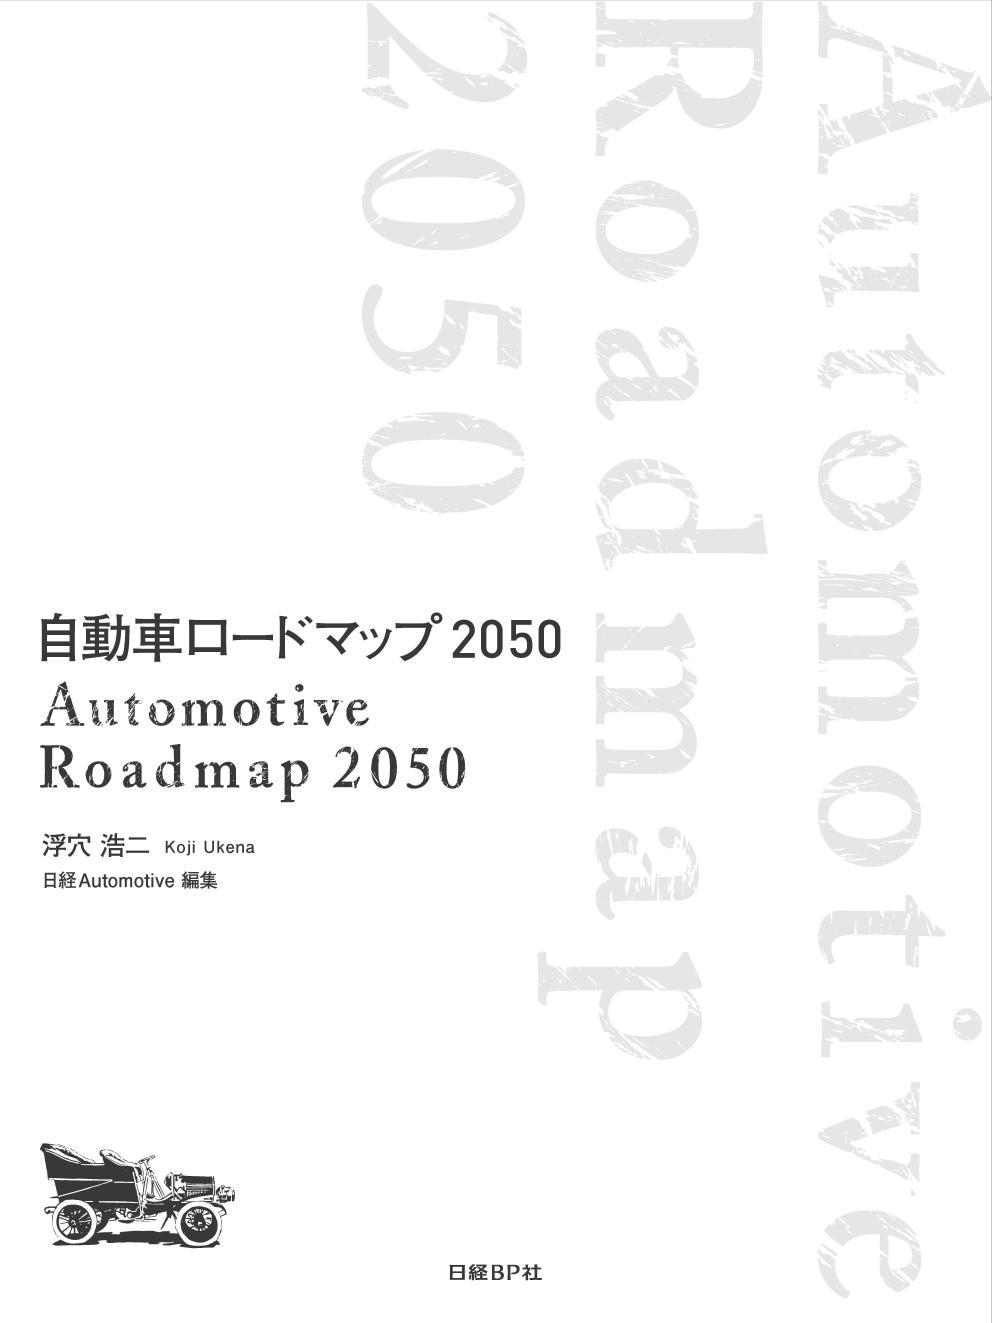 自動車ロードマップ 2050